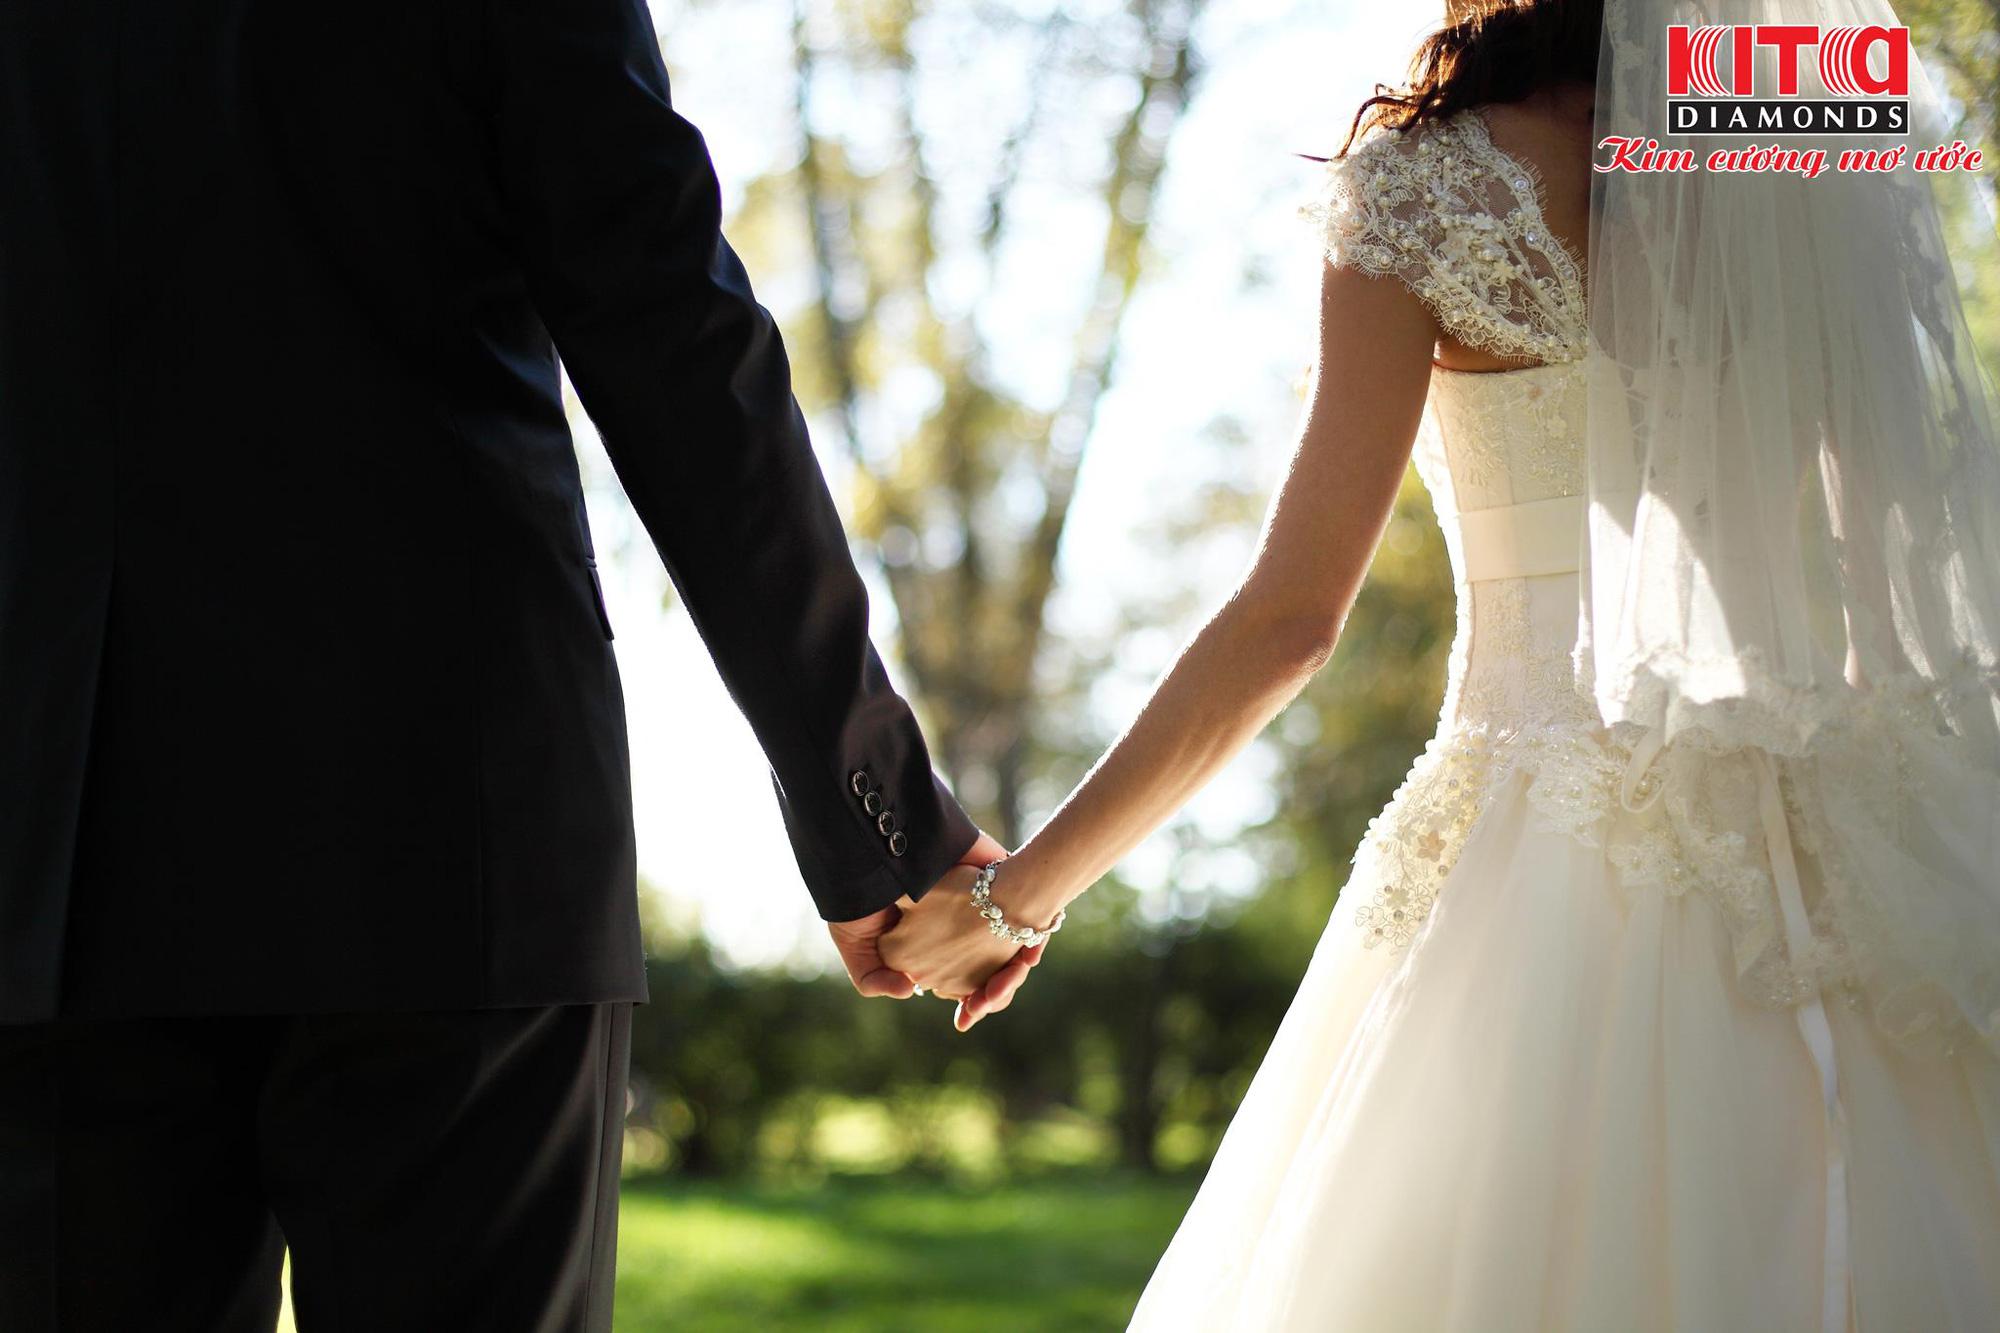 Kim cương tự nhiên – Kết nối tình yêu trọn vẹn - Ảnh 2.